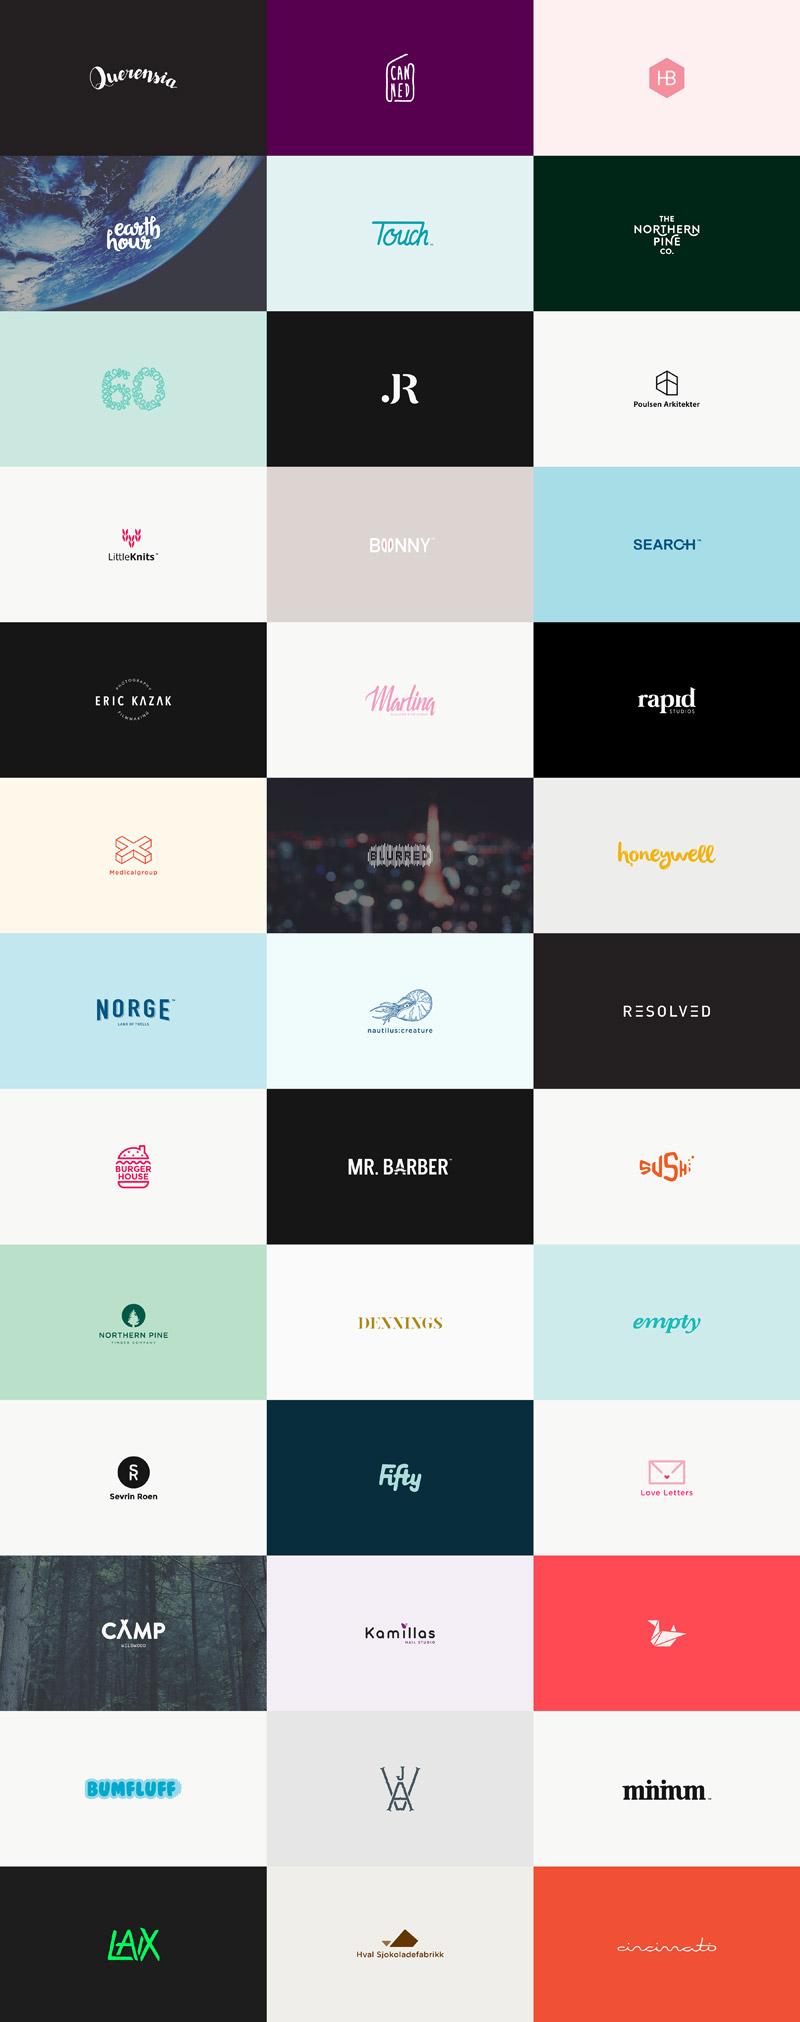 60 Logos in 60 Days by Karoline Tynes